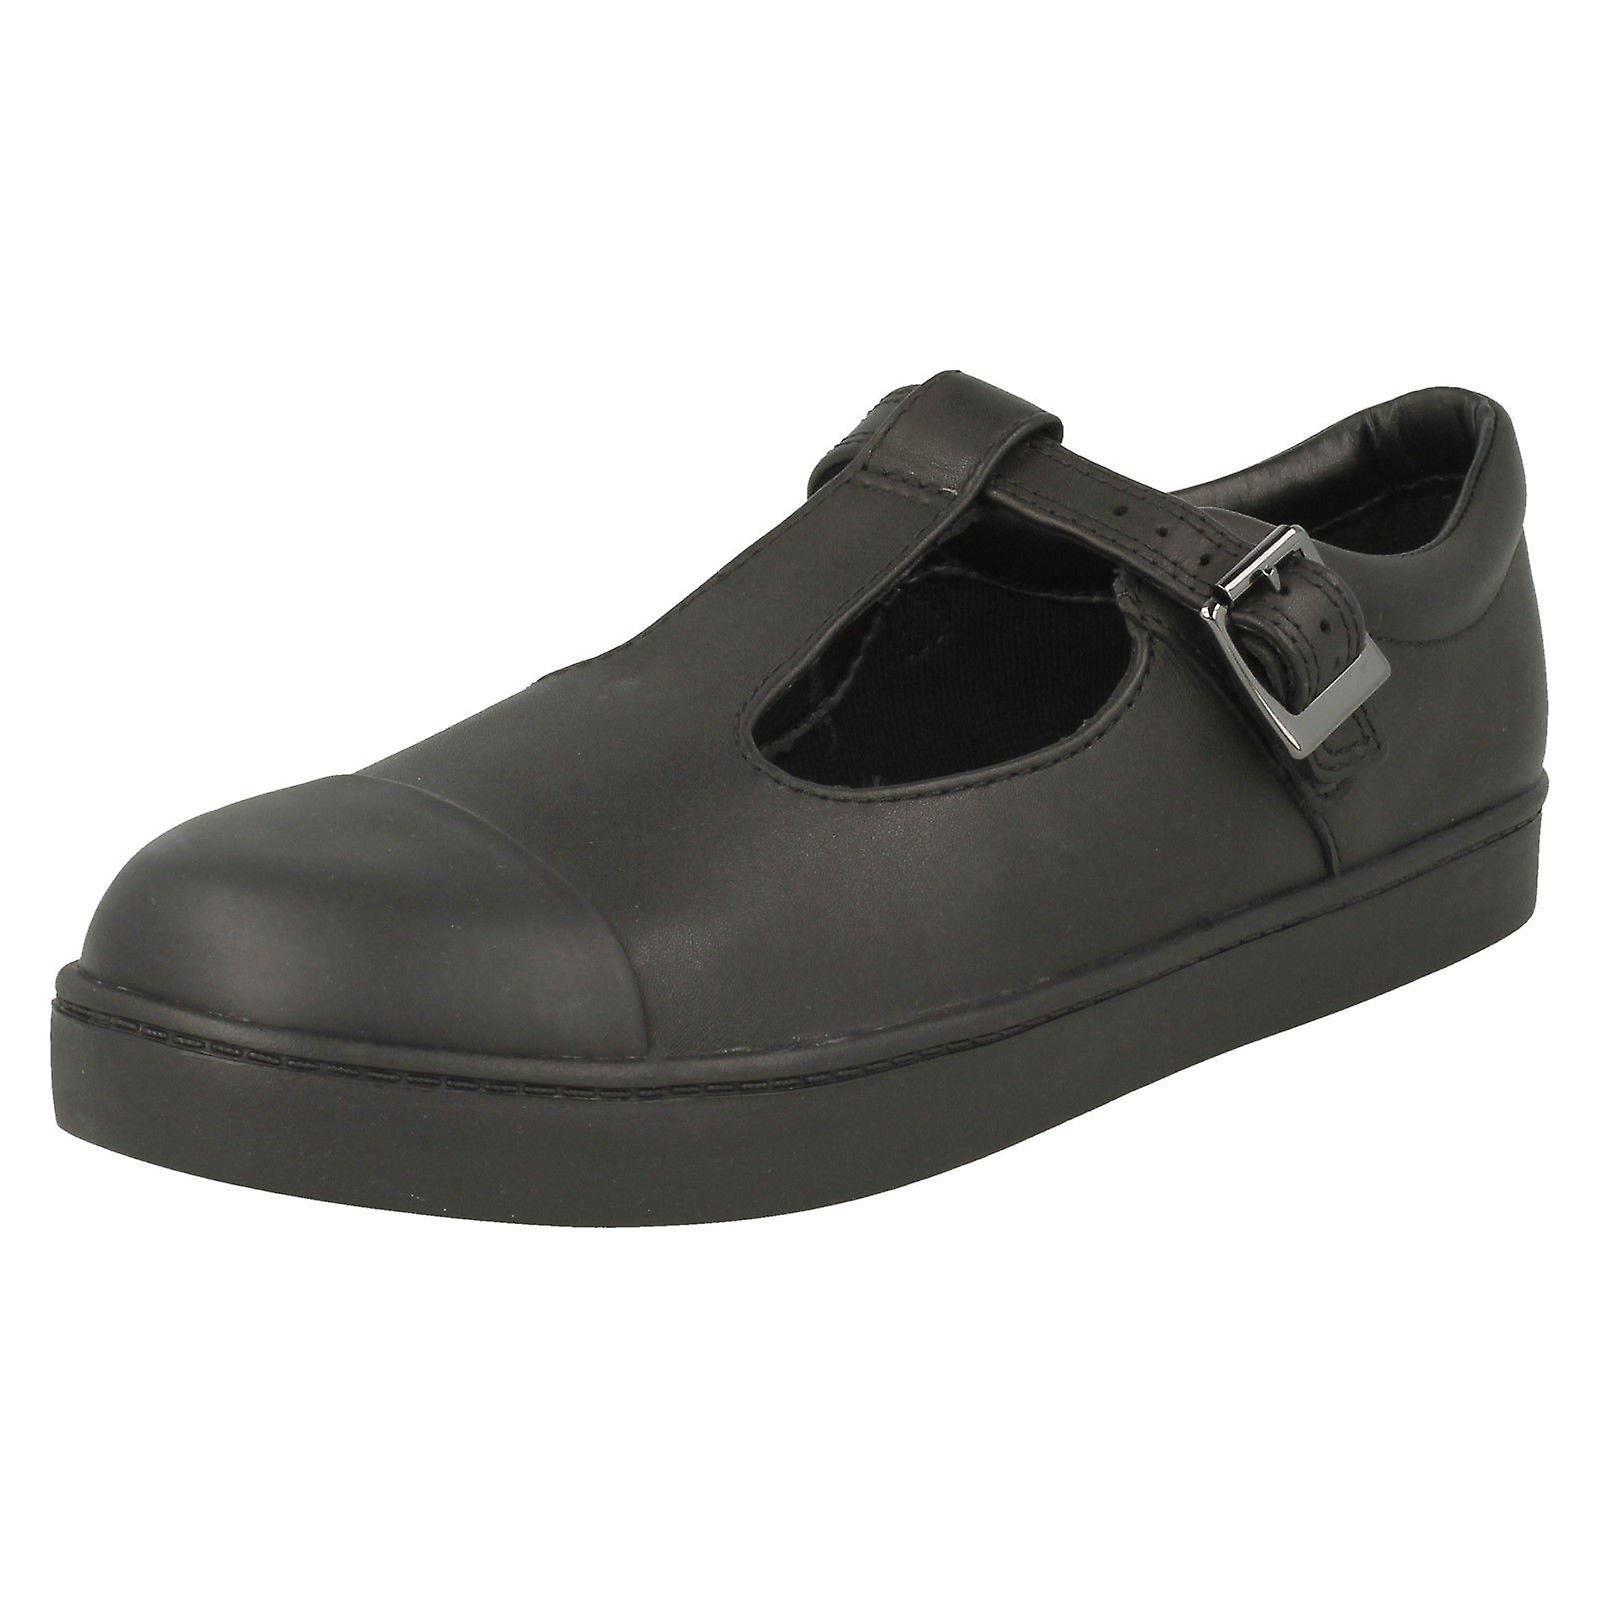 Girls Clarks T-Bar School chaussures City Tea